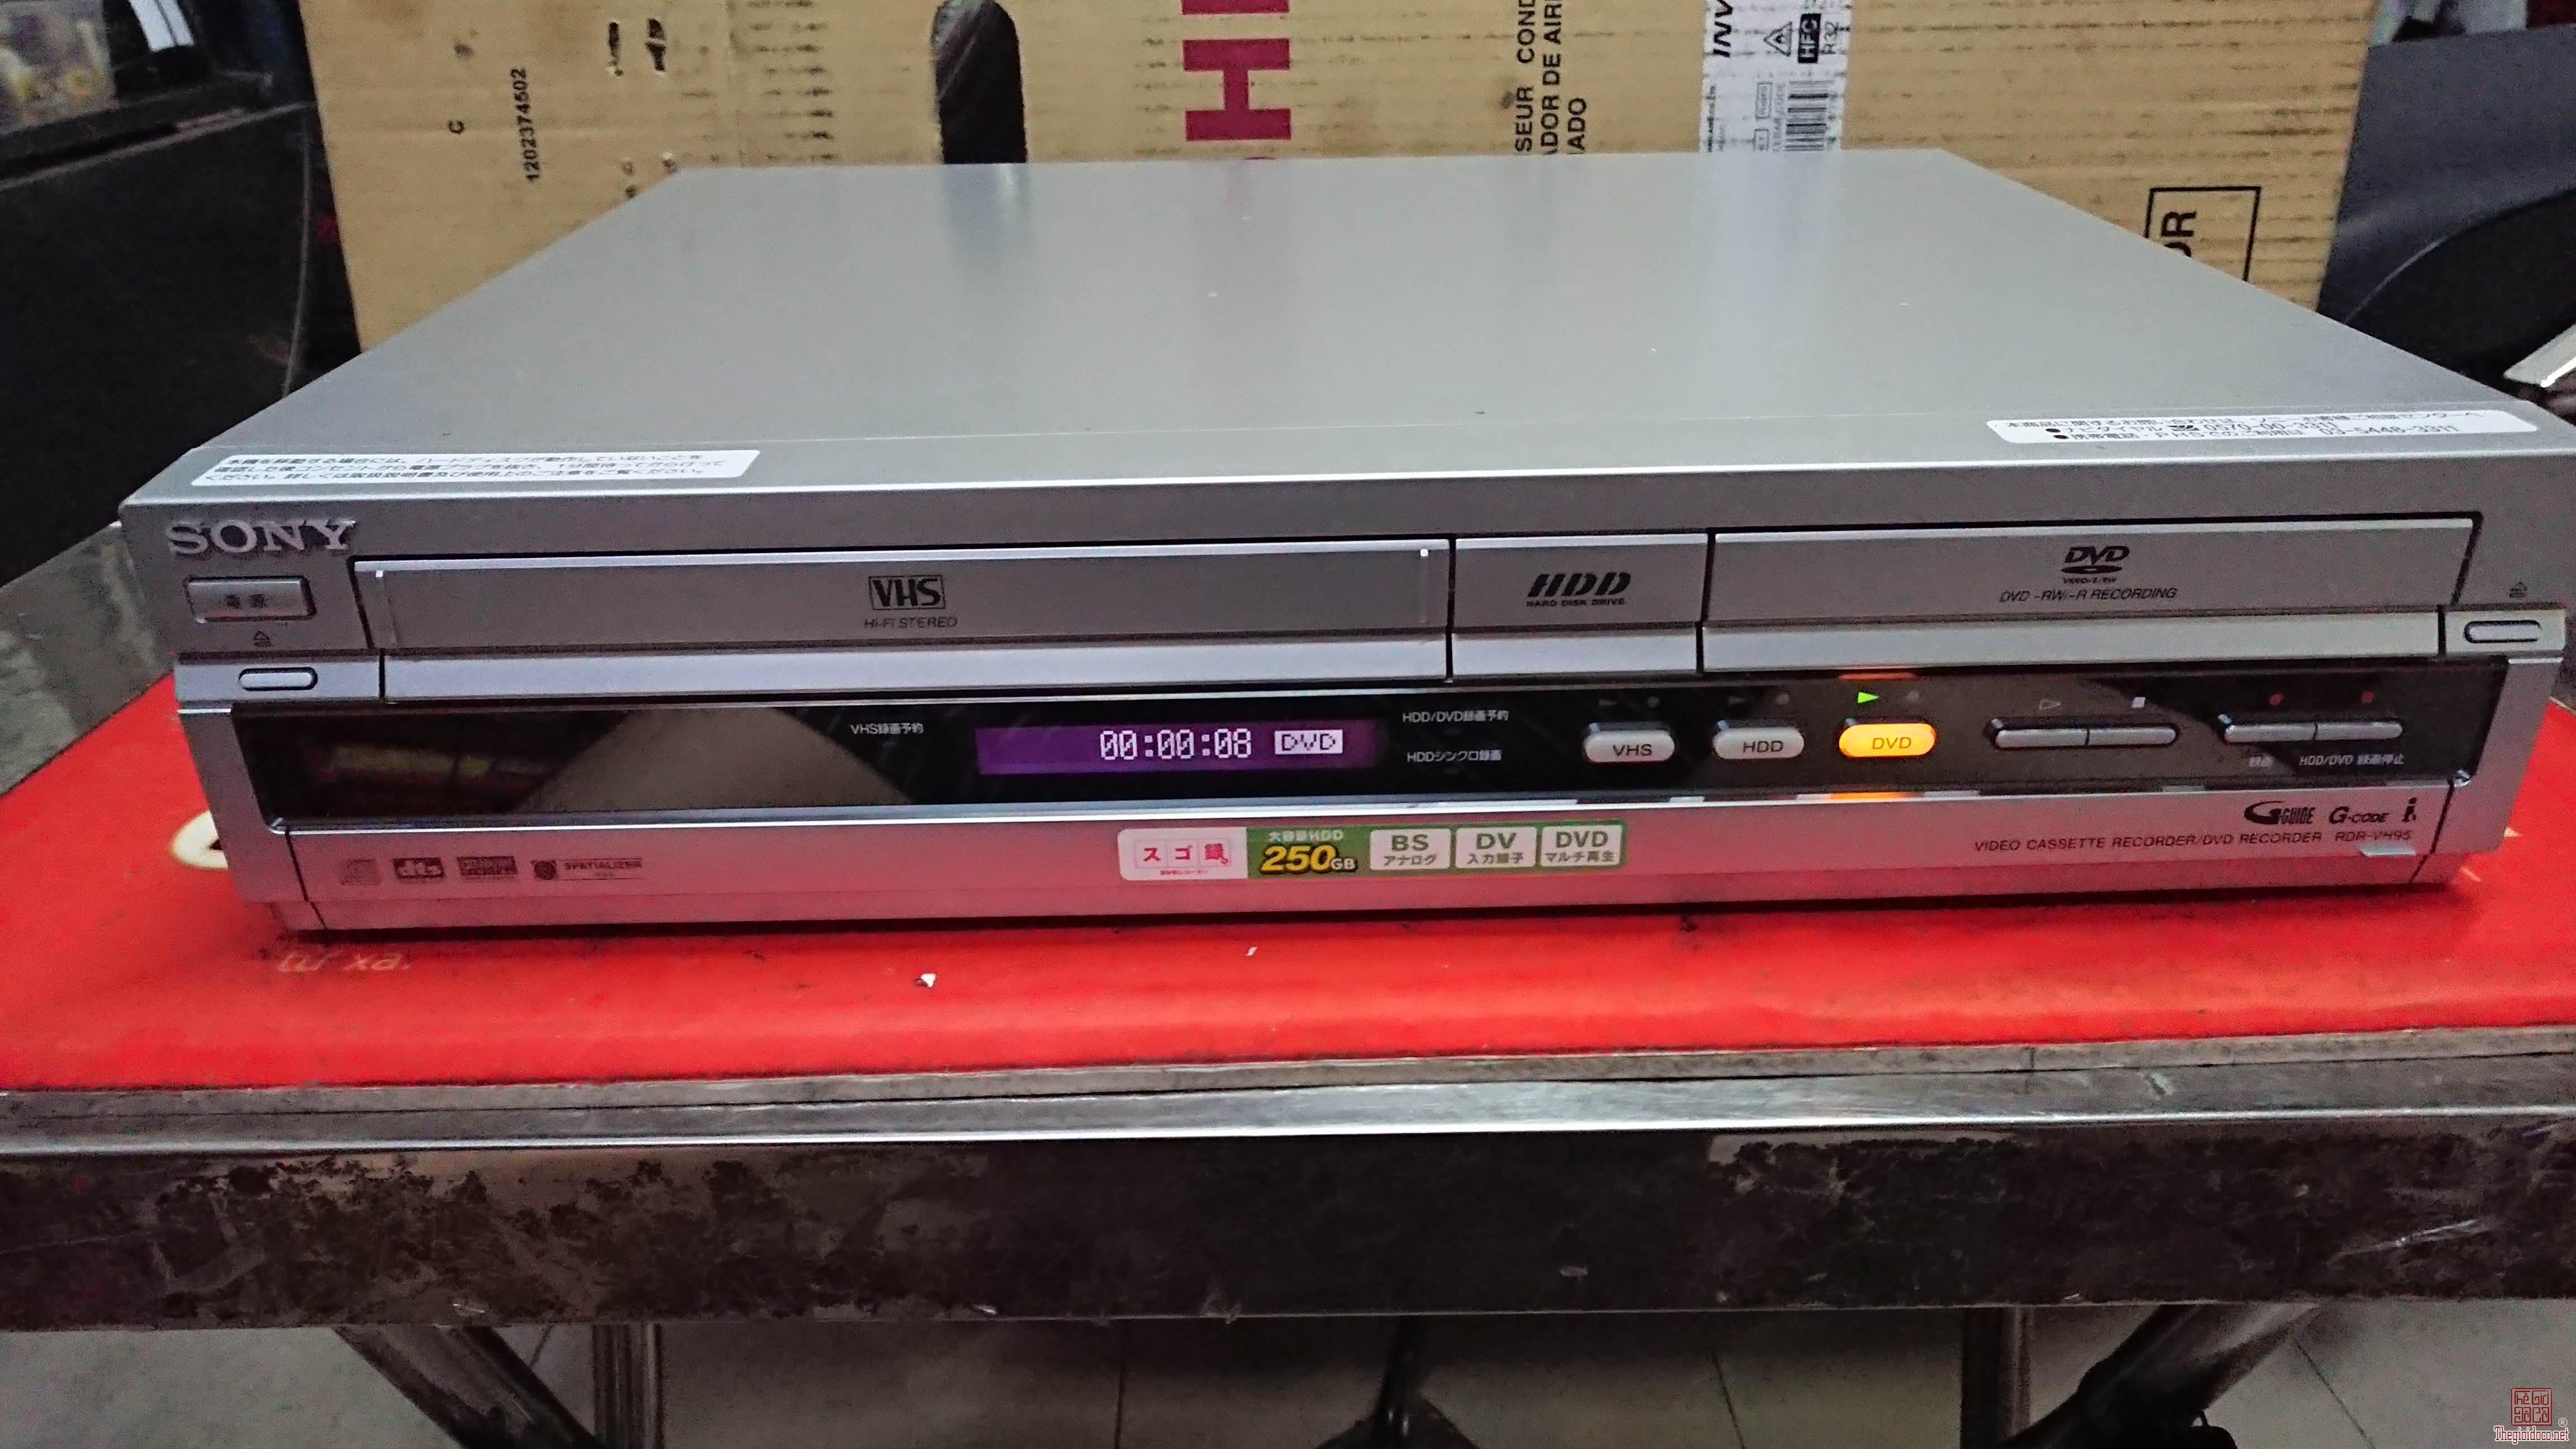 Đầu Sony 3 trong 1 hàng hiếm rất đẹp